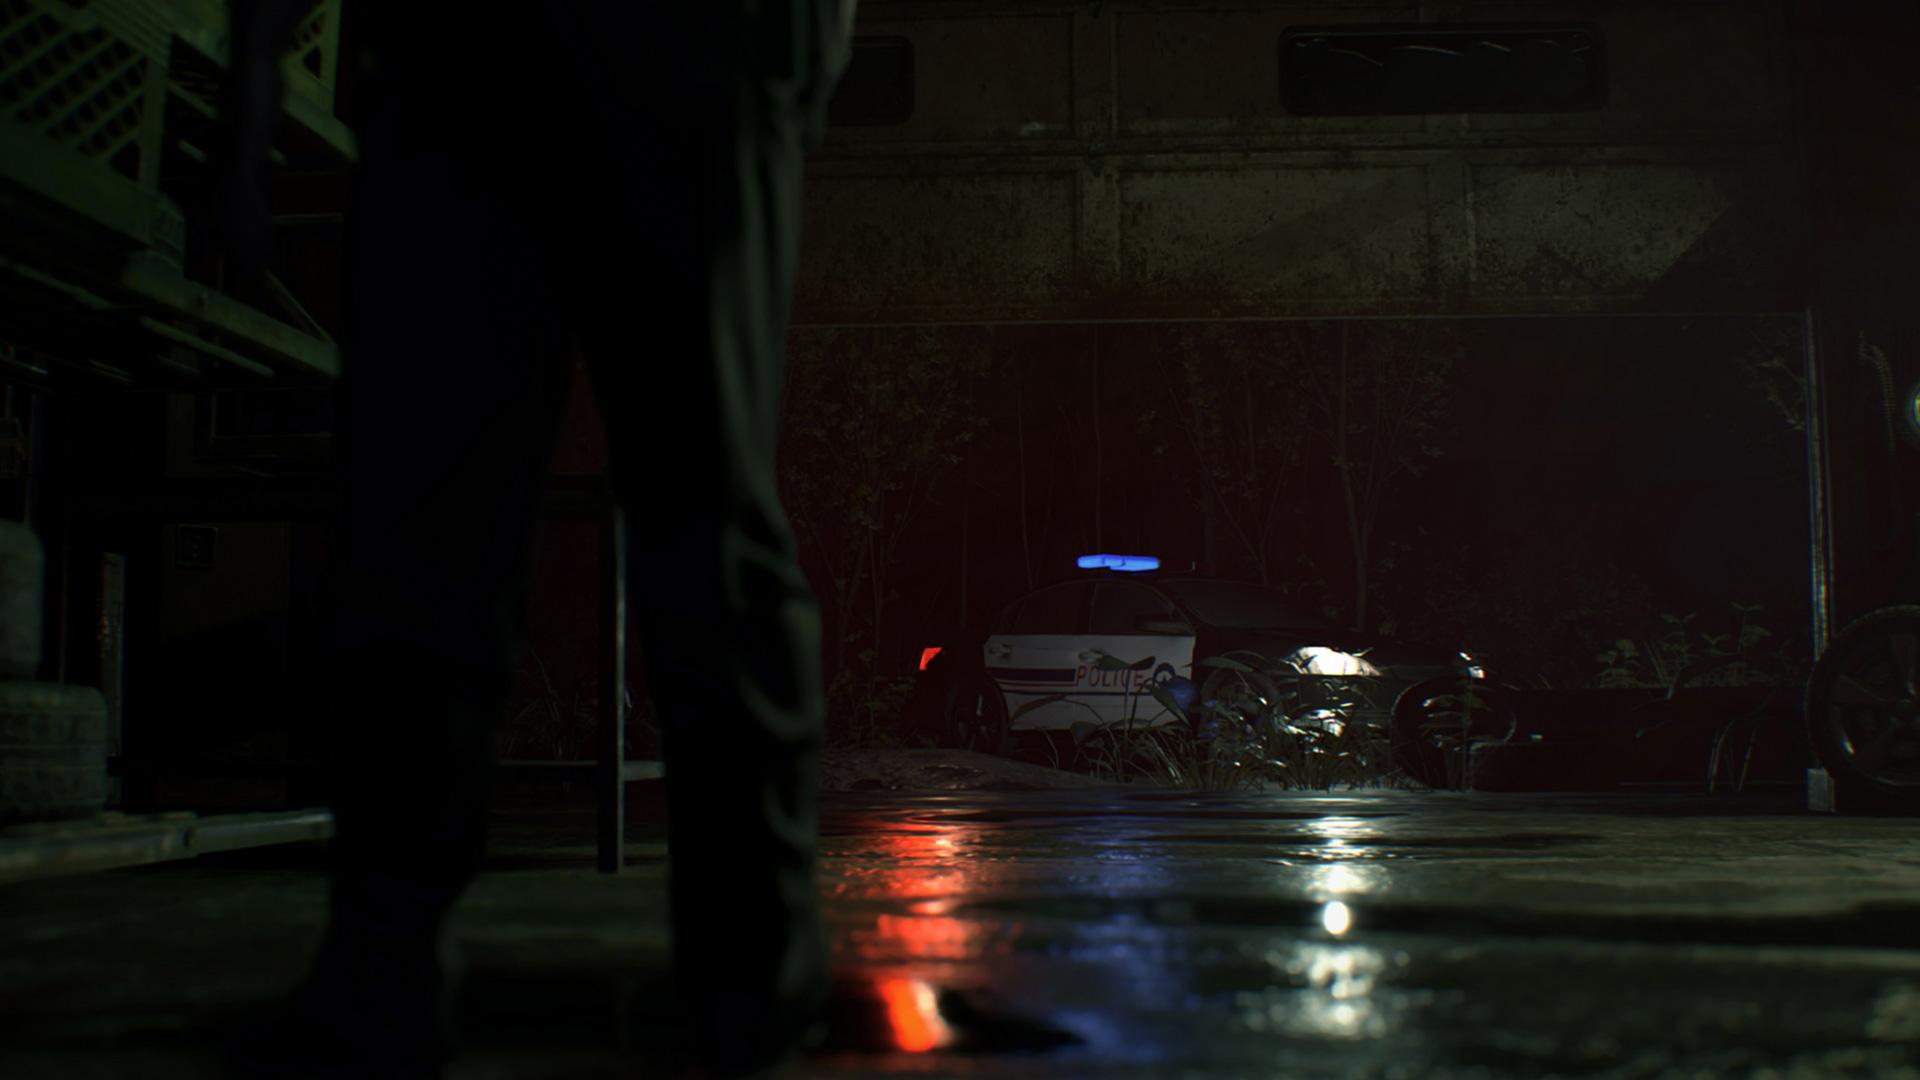 Fichier:Resident Evil 7 - Police car.jpg